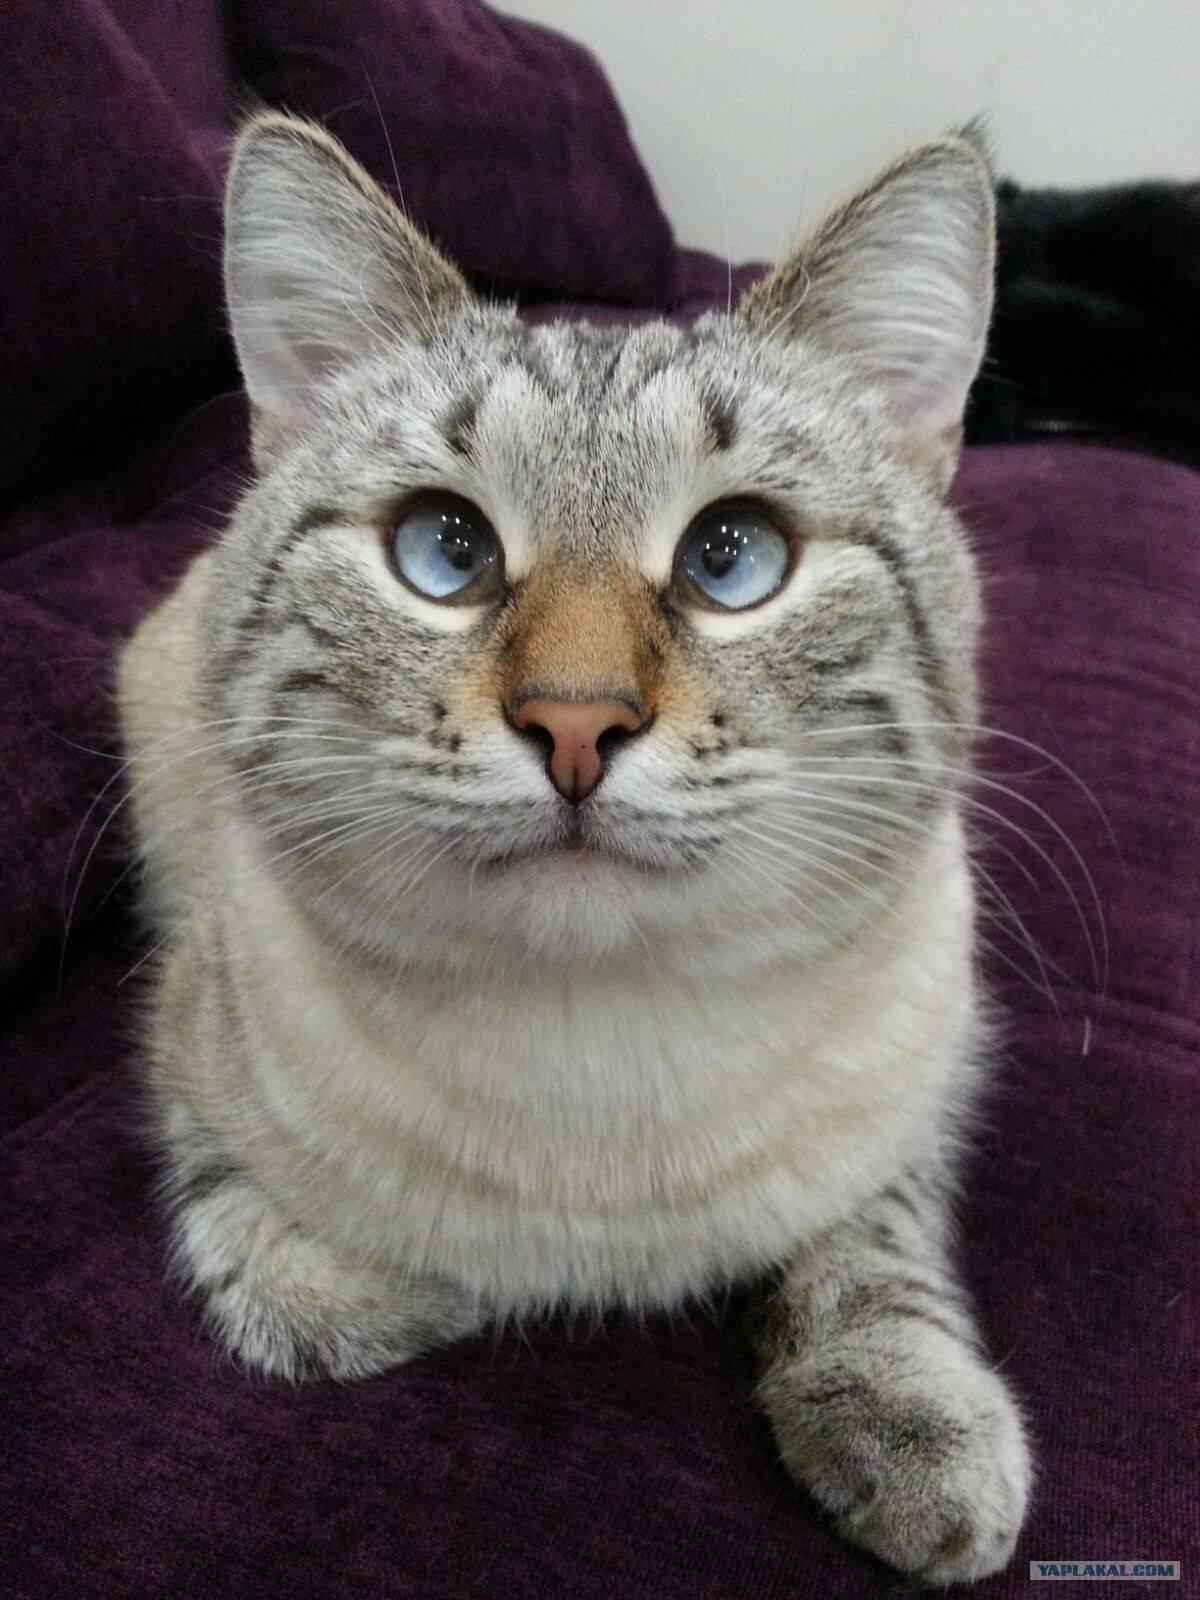 ᐉ косоглазые коты: породы, почему так бывает, знаменитые, 35 фото - zoogradspb.ru